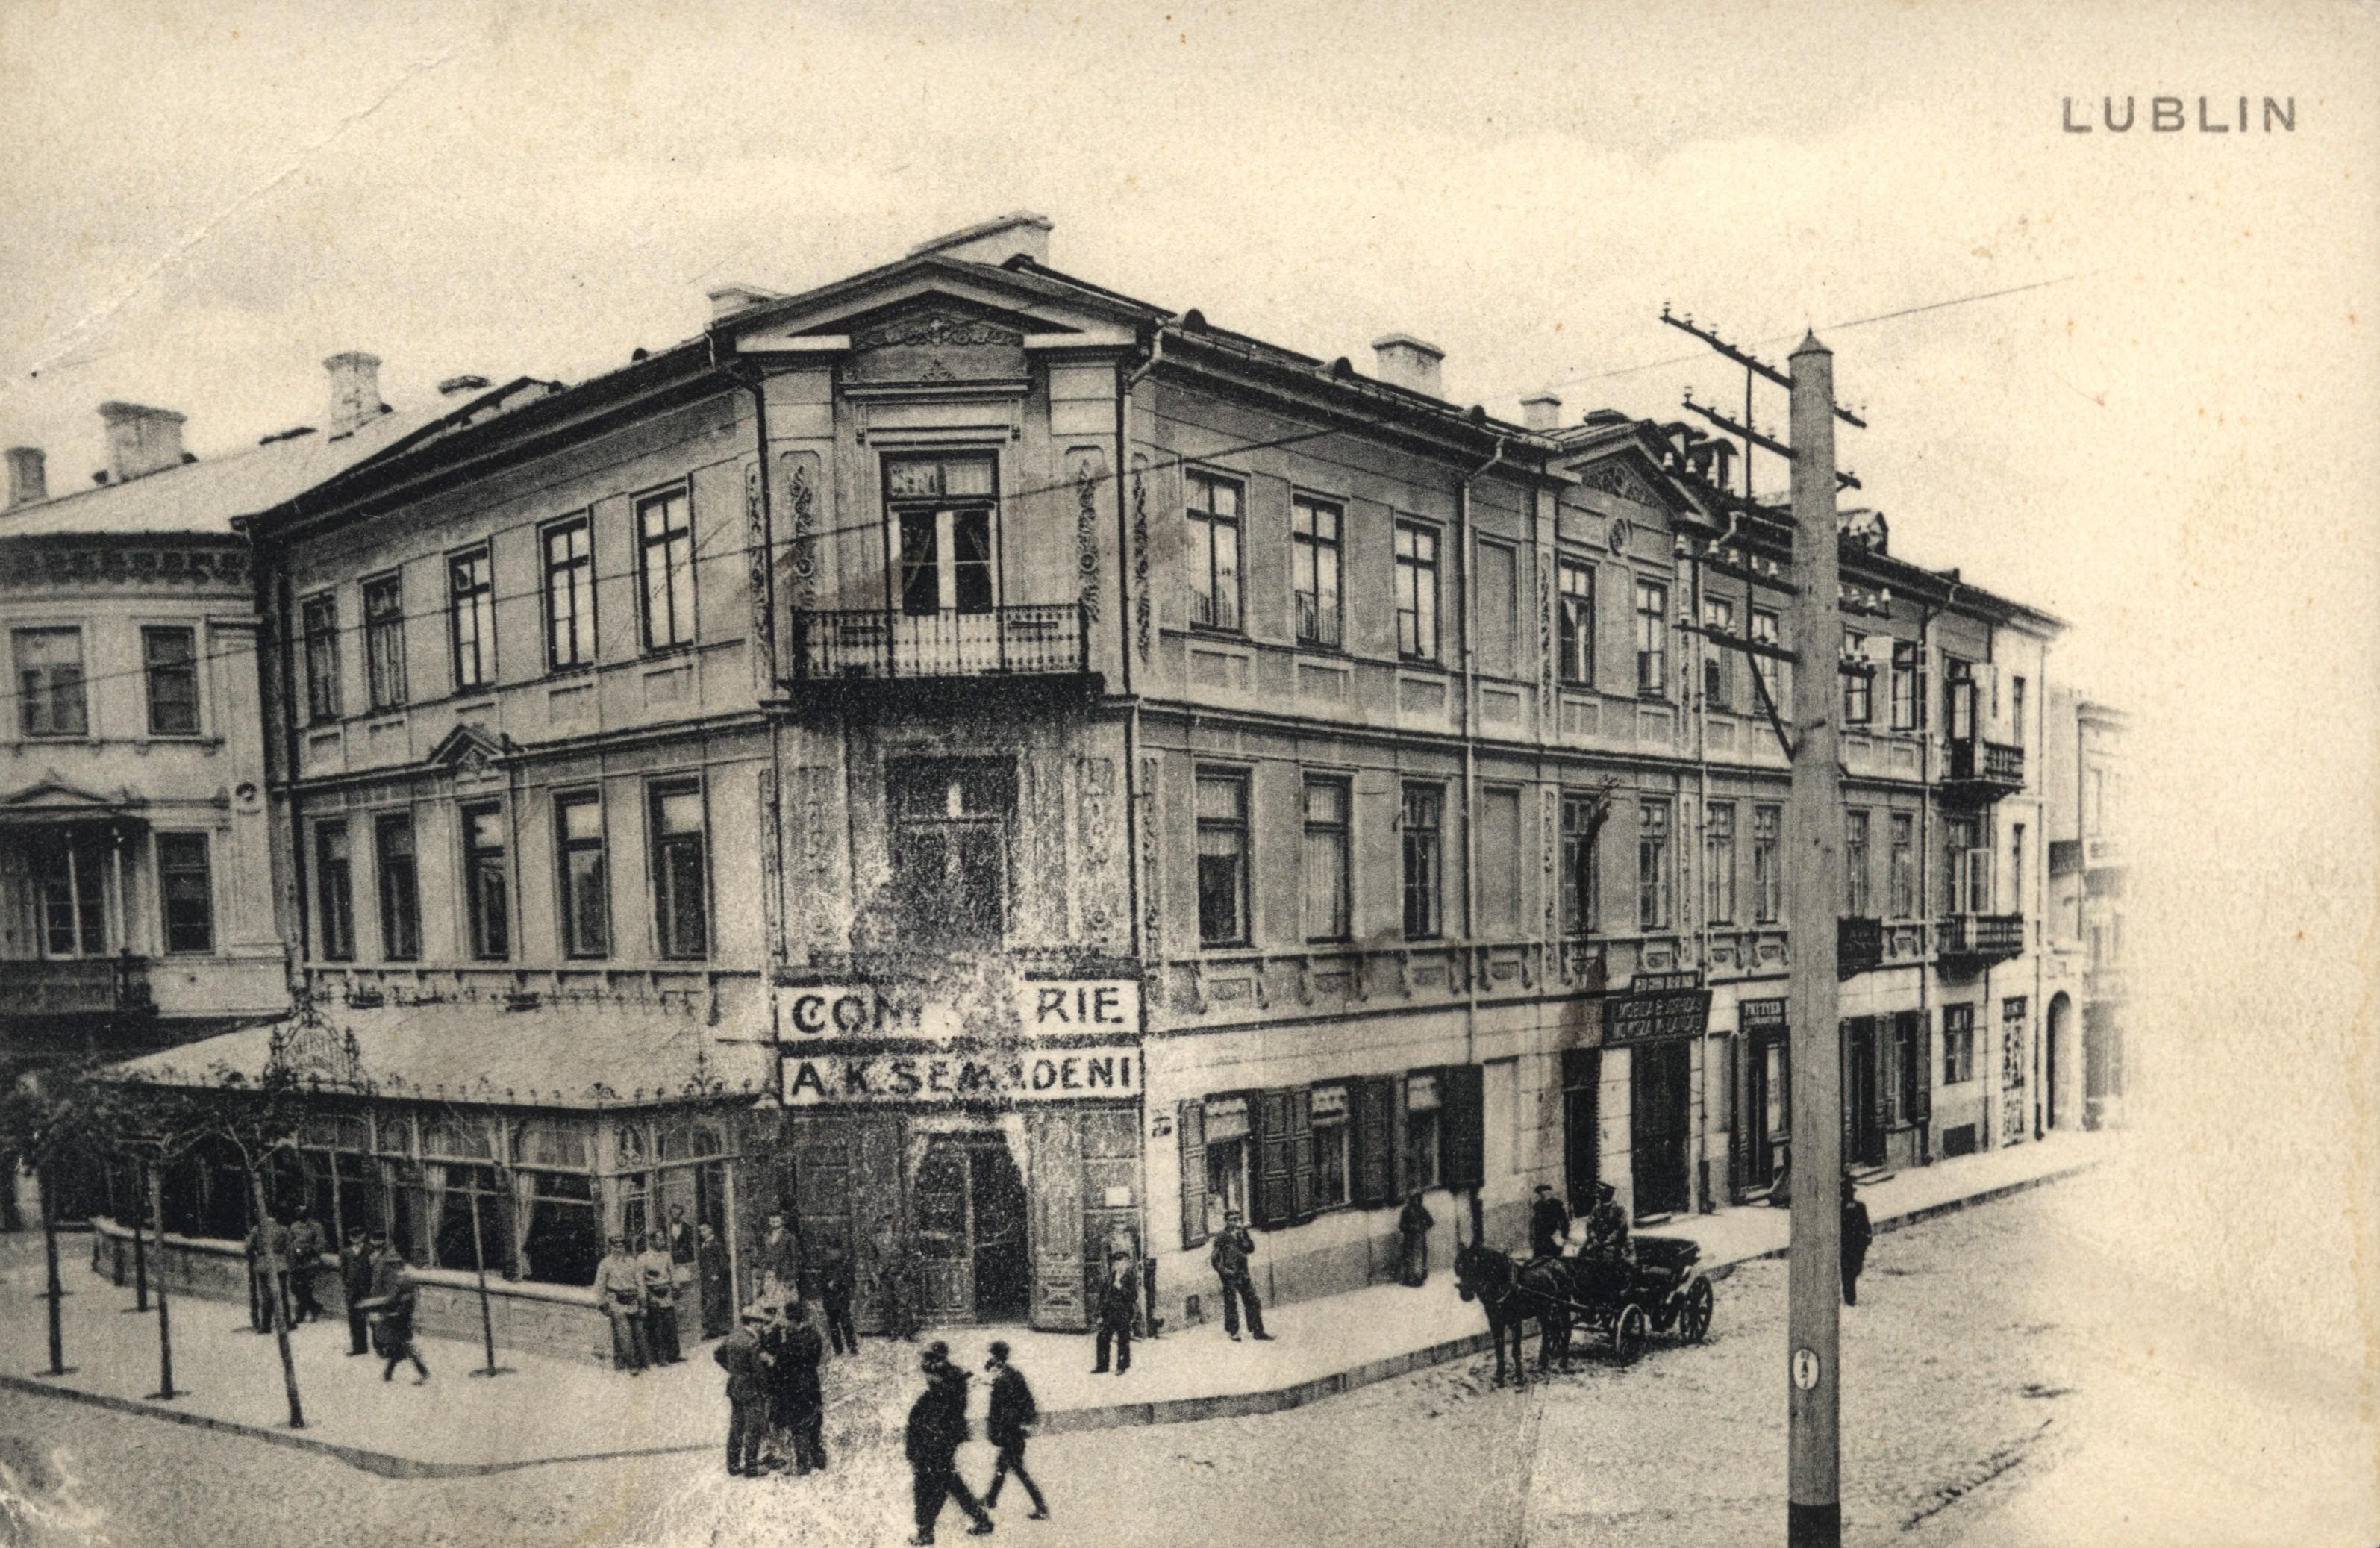 Cukiernia A.K. Semadeni, ul. Krakowskie Przedmieście 27, ok. 1907